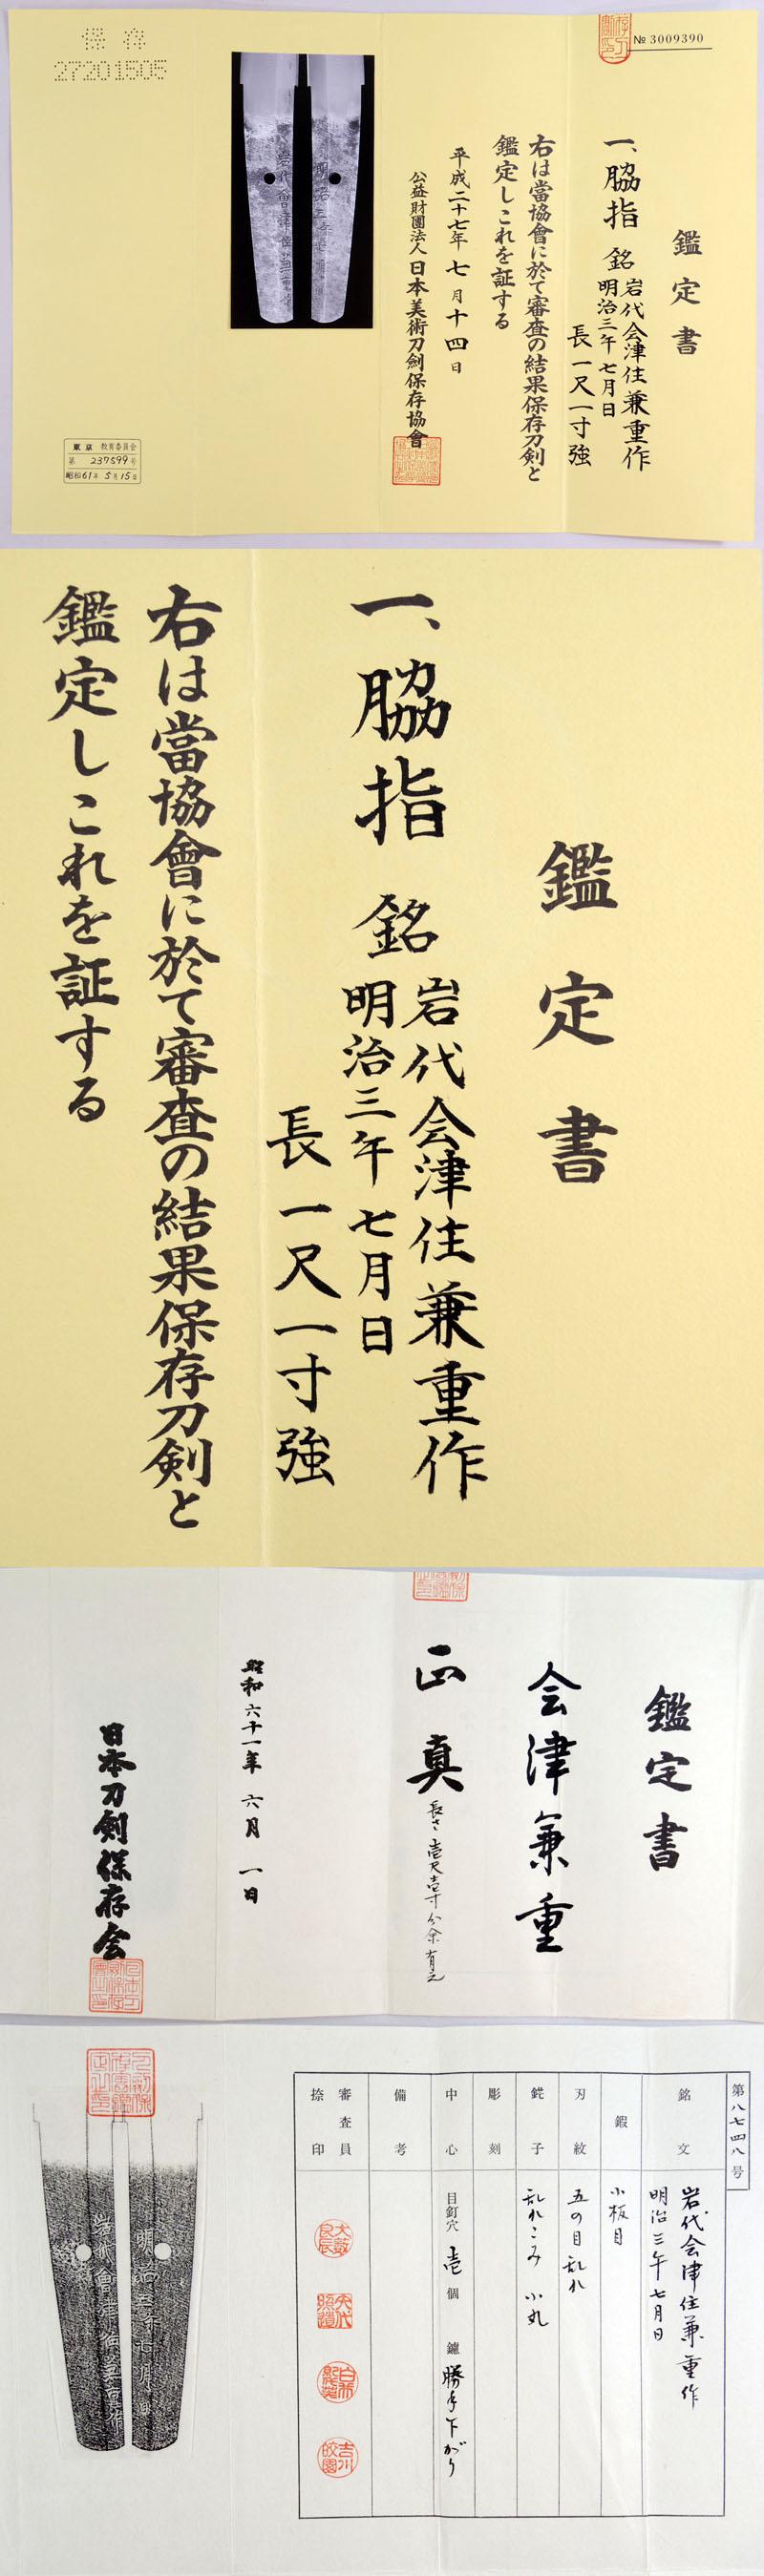 岩代会津住兼重作 Picture of Certificate